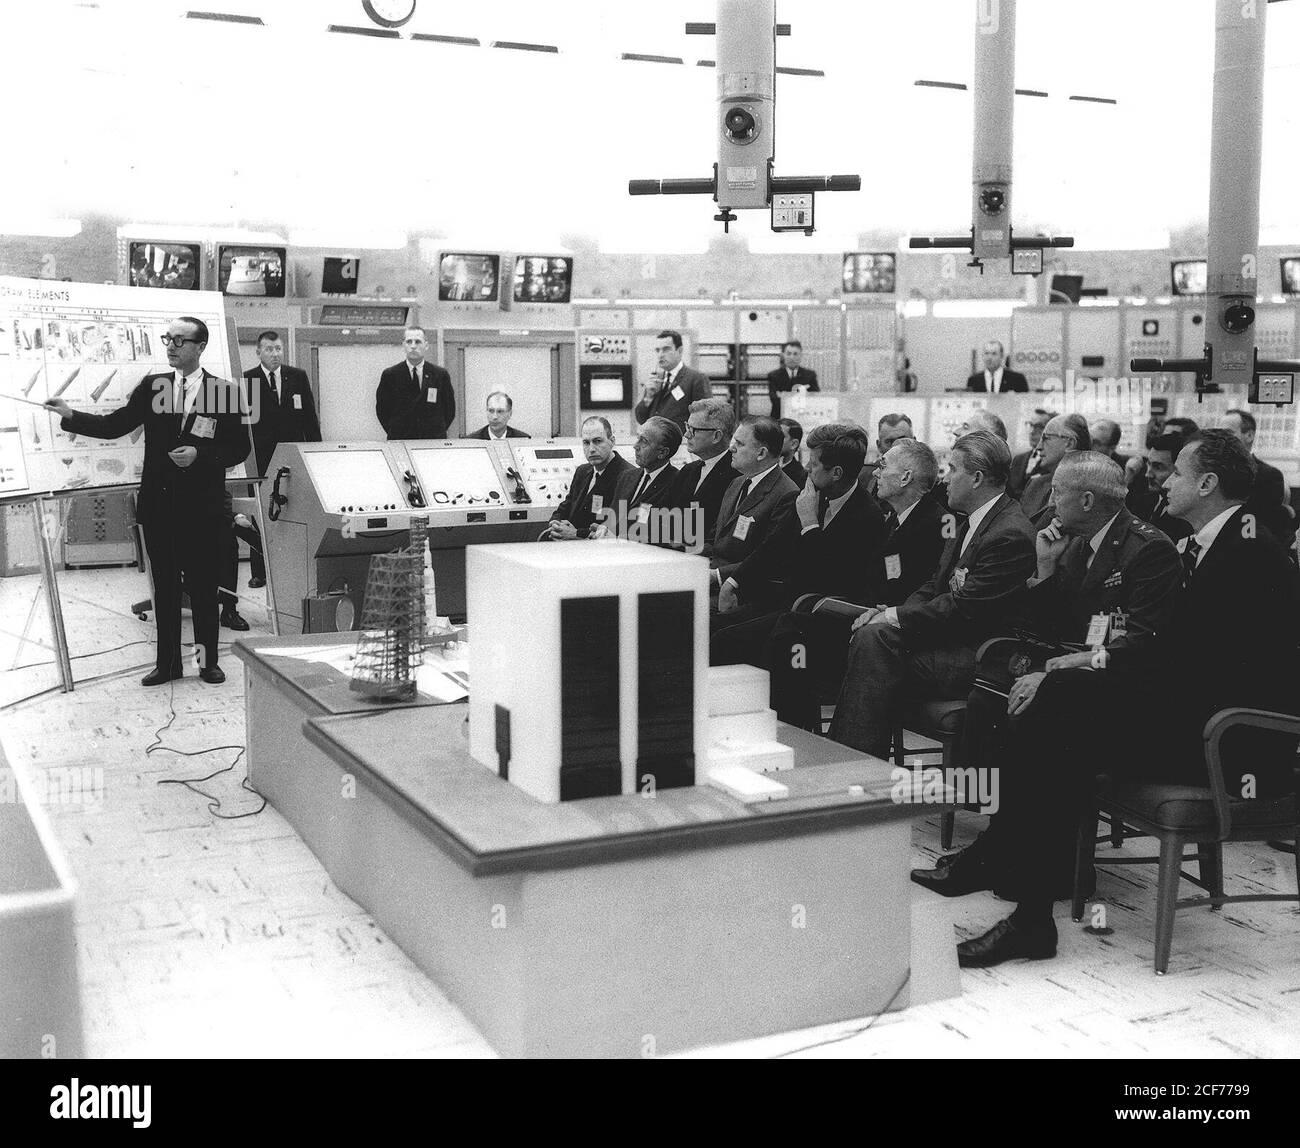 Dr. George Mueller gibt Saturn V Orientierung an Präsident John F. Kennedy und Amtsträger in Blockhouse 37. Vordere Reihe, links nach rechts: George Low, Dr. Kurt Debus, Dr. Robert Seamans, James Webb, Präsident Kennedy, Dr. Hugh Dryden, Dr. Wernher von Braun, General Leighten Davis und Senator George Smathers. Stockfoto